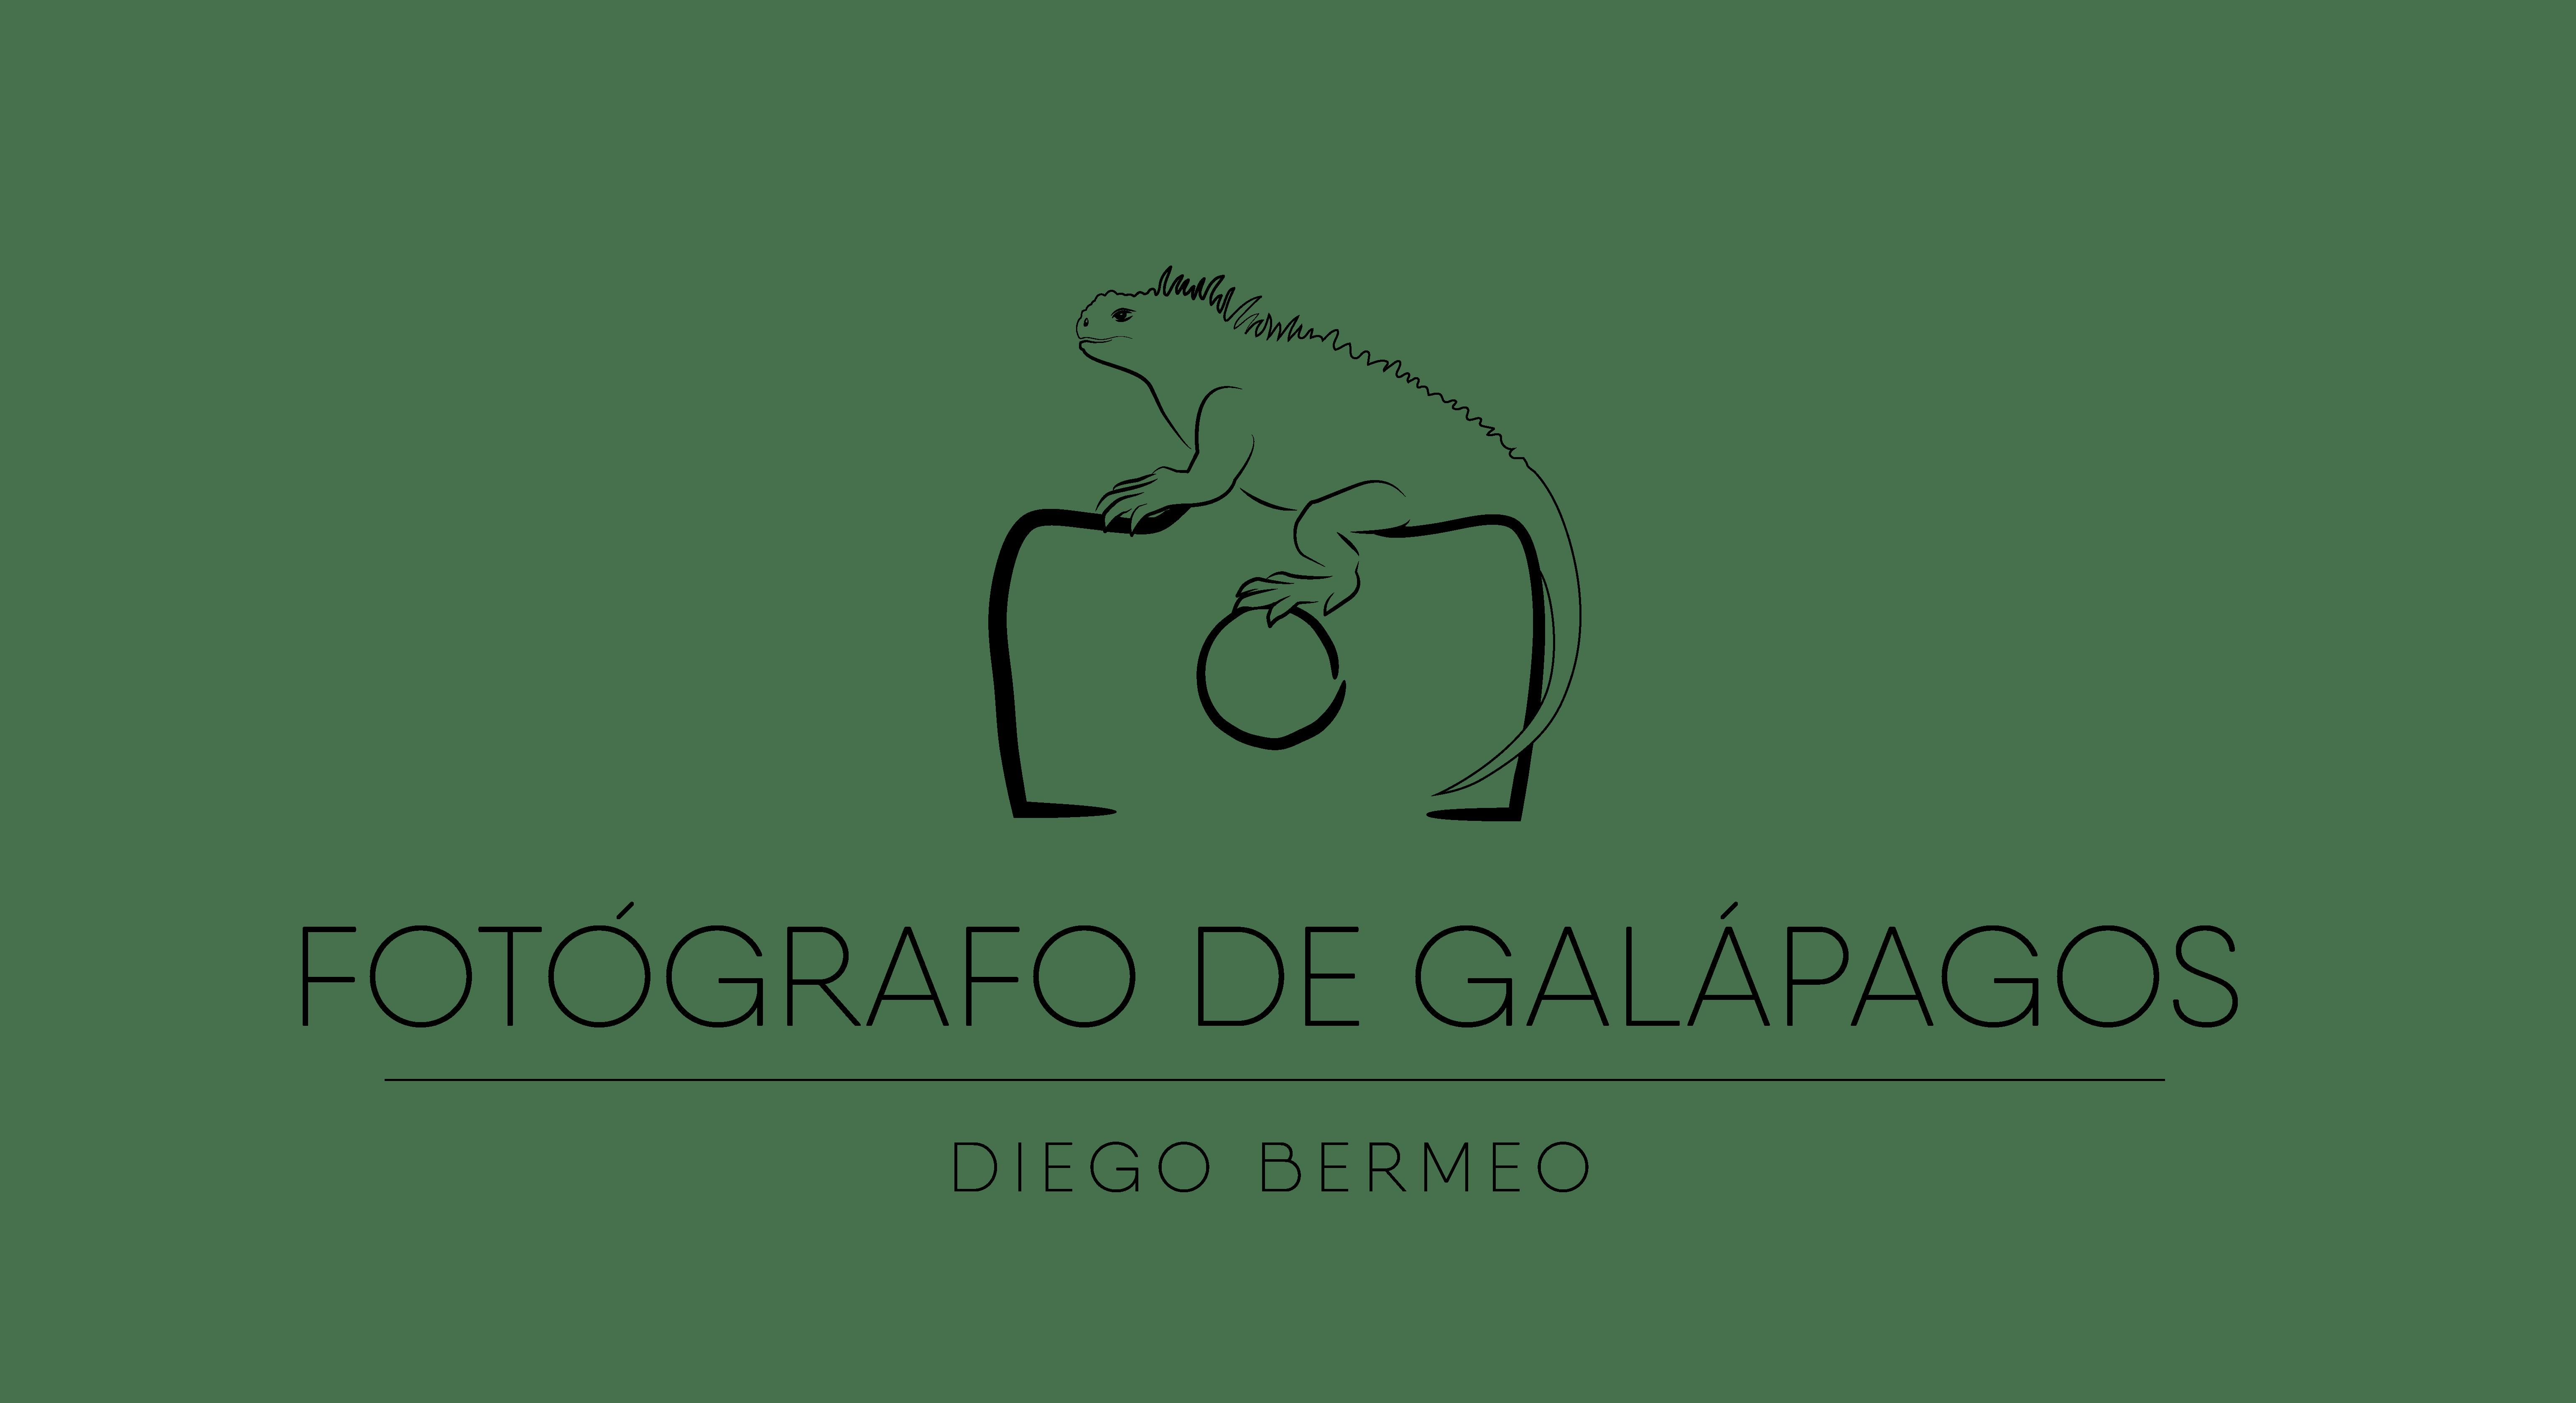 FOTOGRAFO DE GALAPAGOS 2017 JUNIO-01